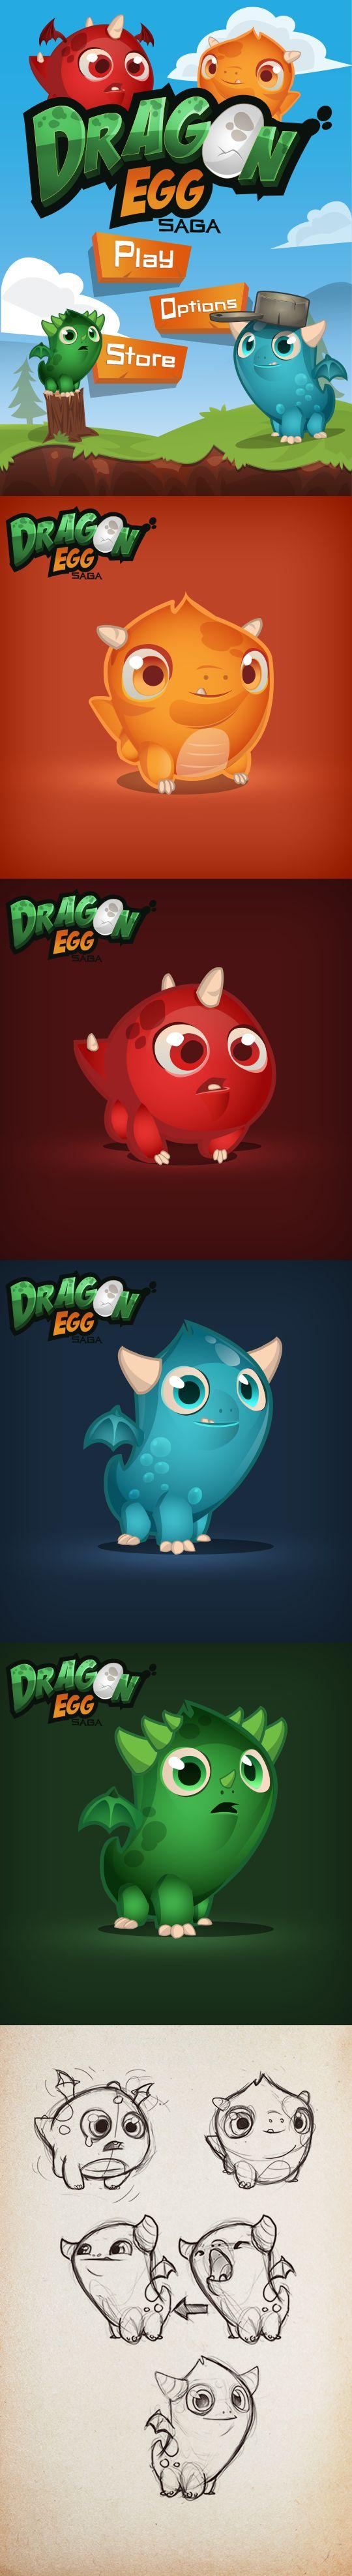 Dragon Egg Saga by Erda Baykara, via Behance